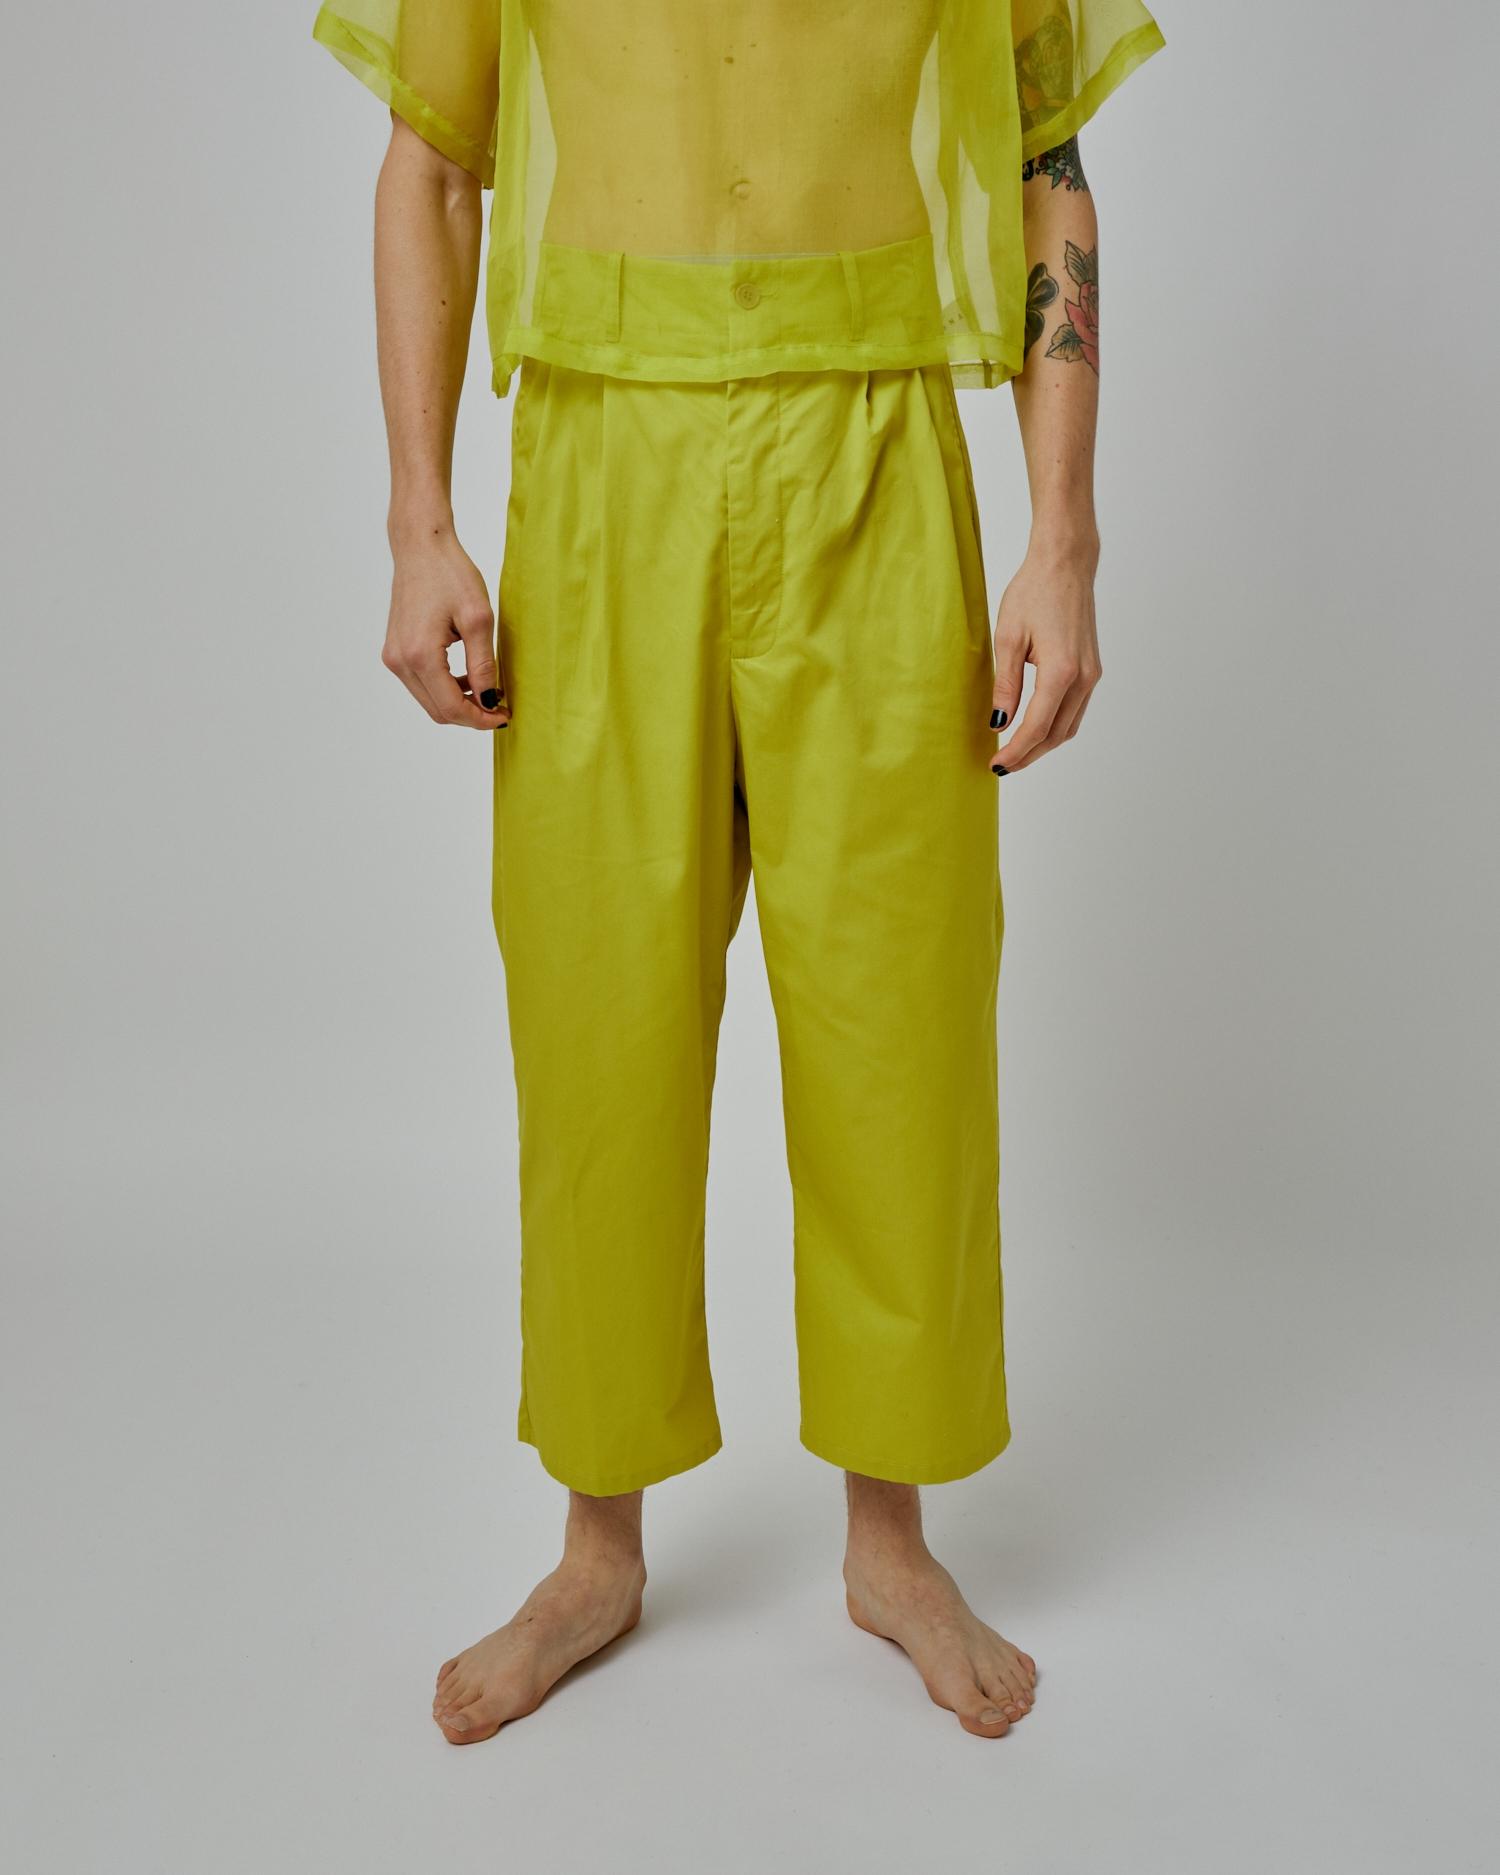 Gender-Neutral Paper-Bag Waist Pant By Emerging Designer Brand One DNA